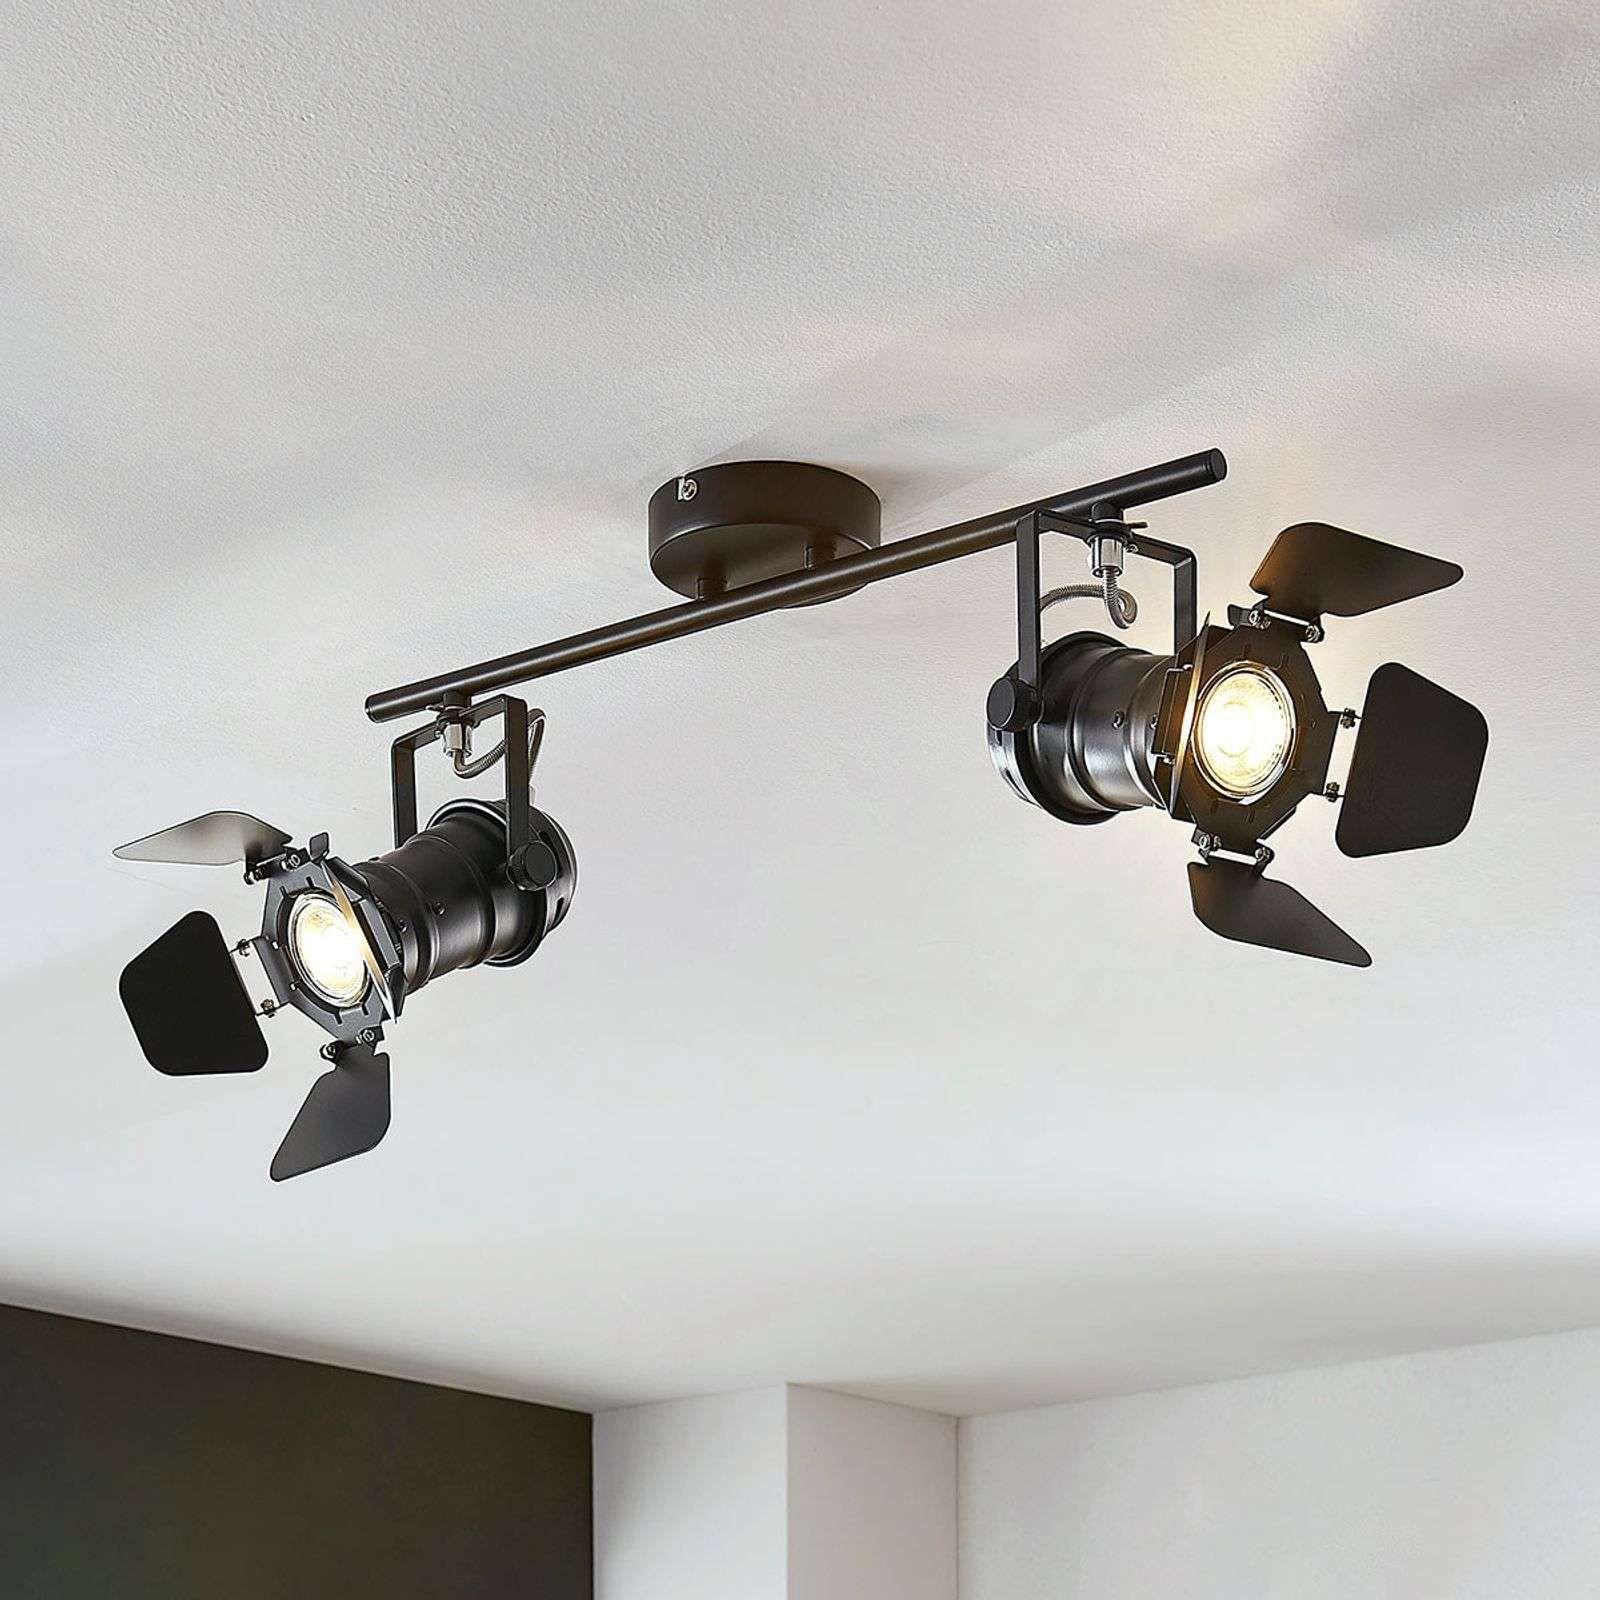 Plafonnier Tilen A 2 Lampes Aspect Projecteur En 2020 Luminaire Plafond Plafonnier Et Carreaux De Plafond